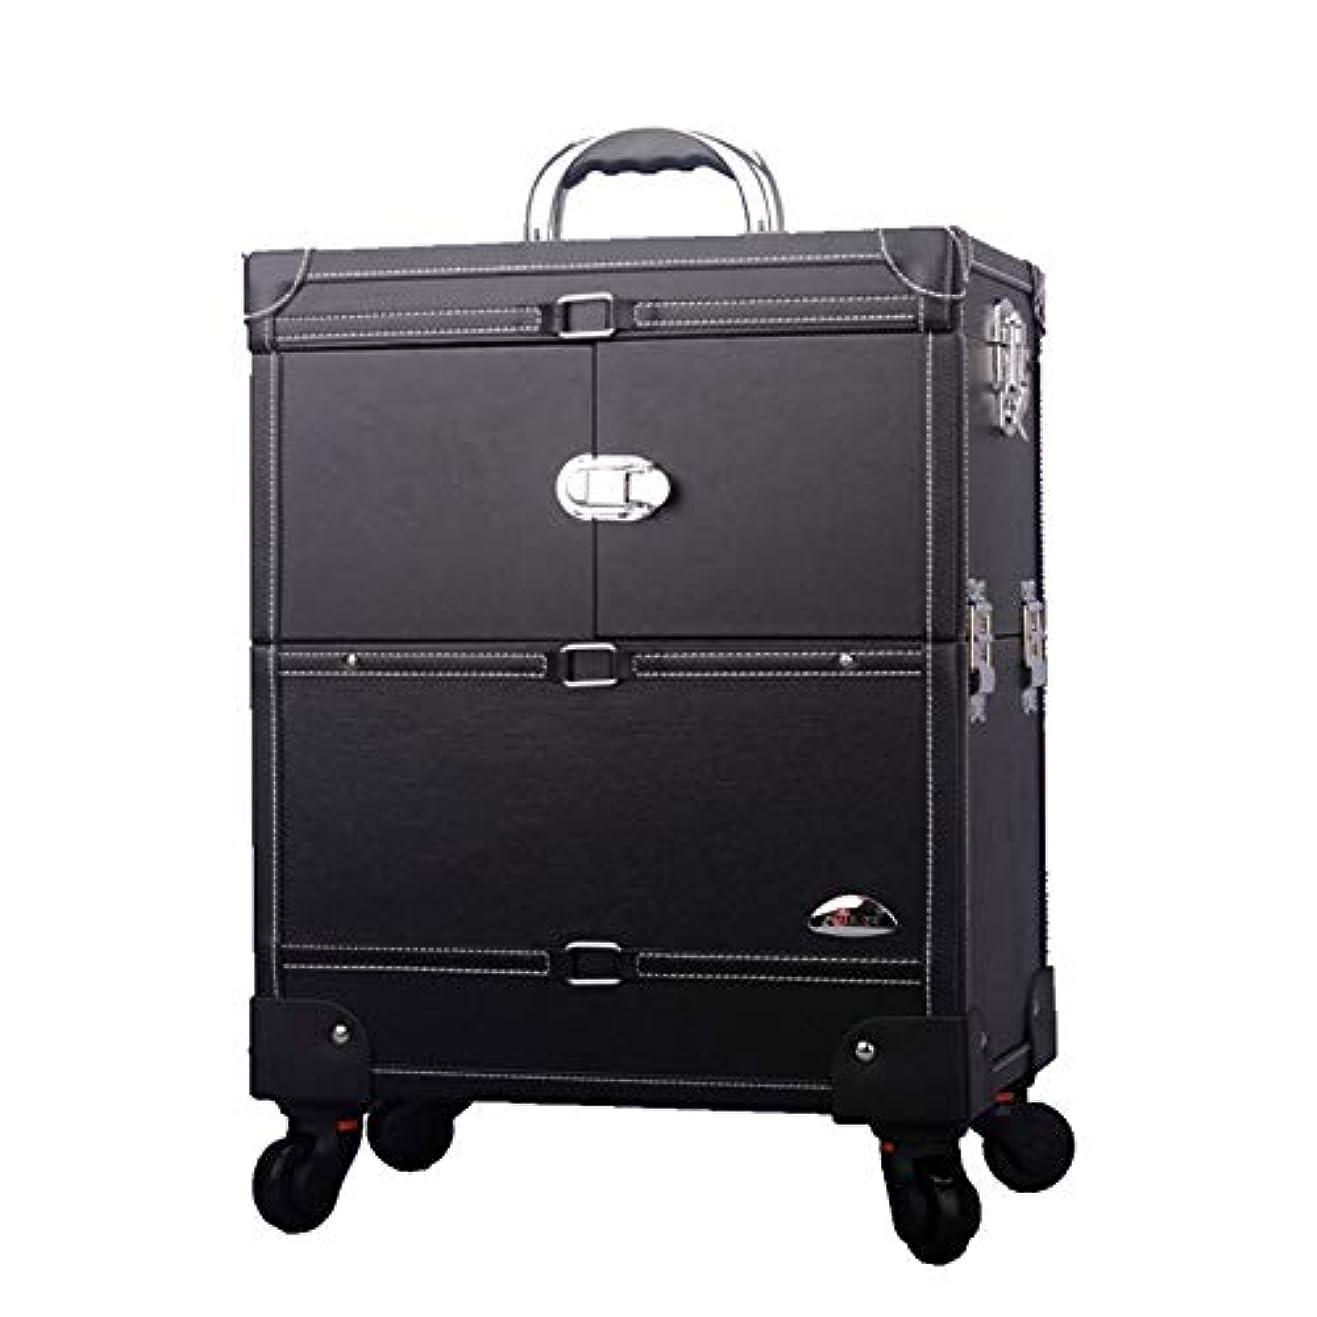 広まったウィザード賠償プロ専用 美容師 クローゼット スーツケース メイクボックス キャリーバッグ ヘアメイク プロ 大容量 軽量 高品質 多機能 I-JL-3623T-B-T